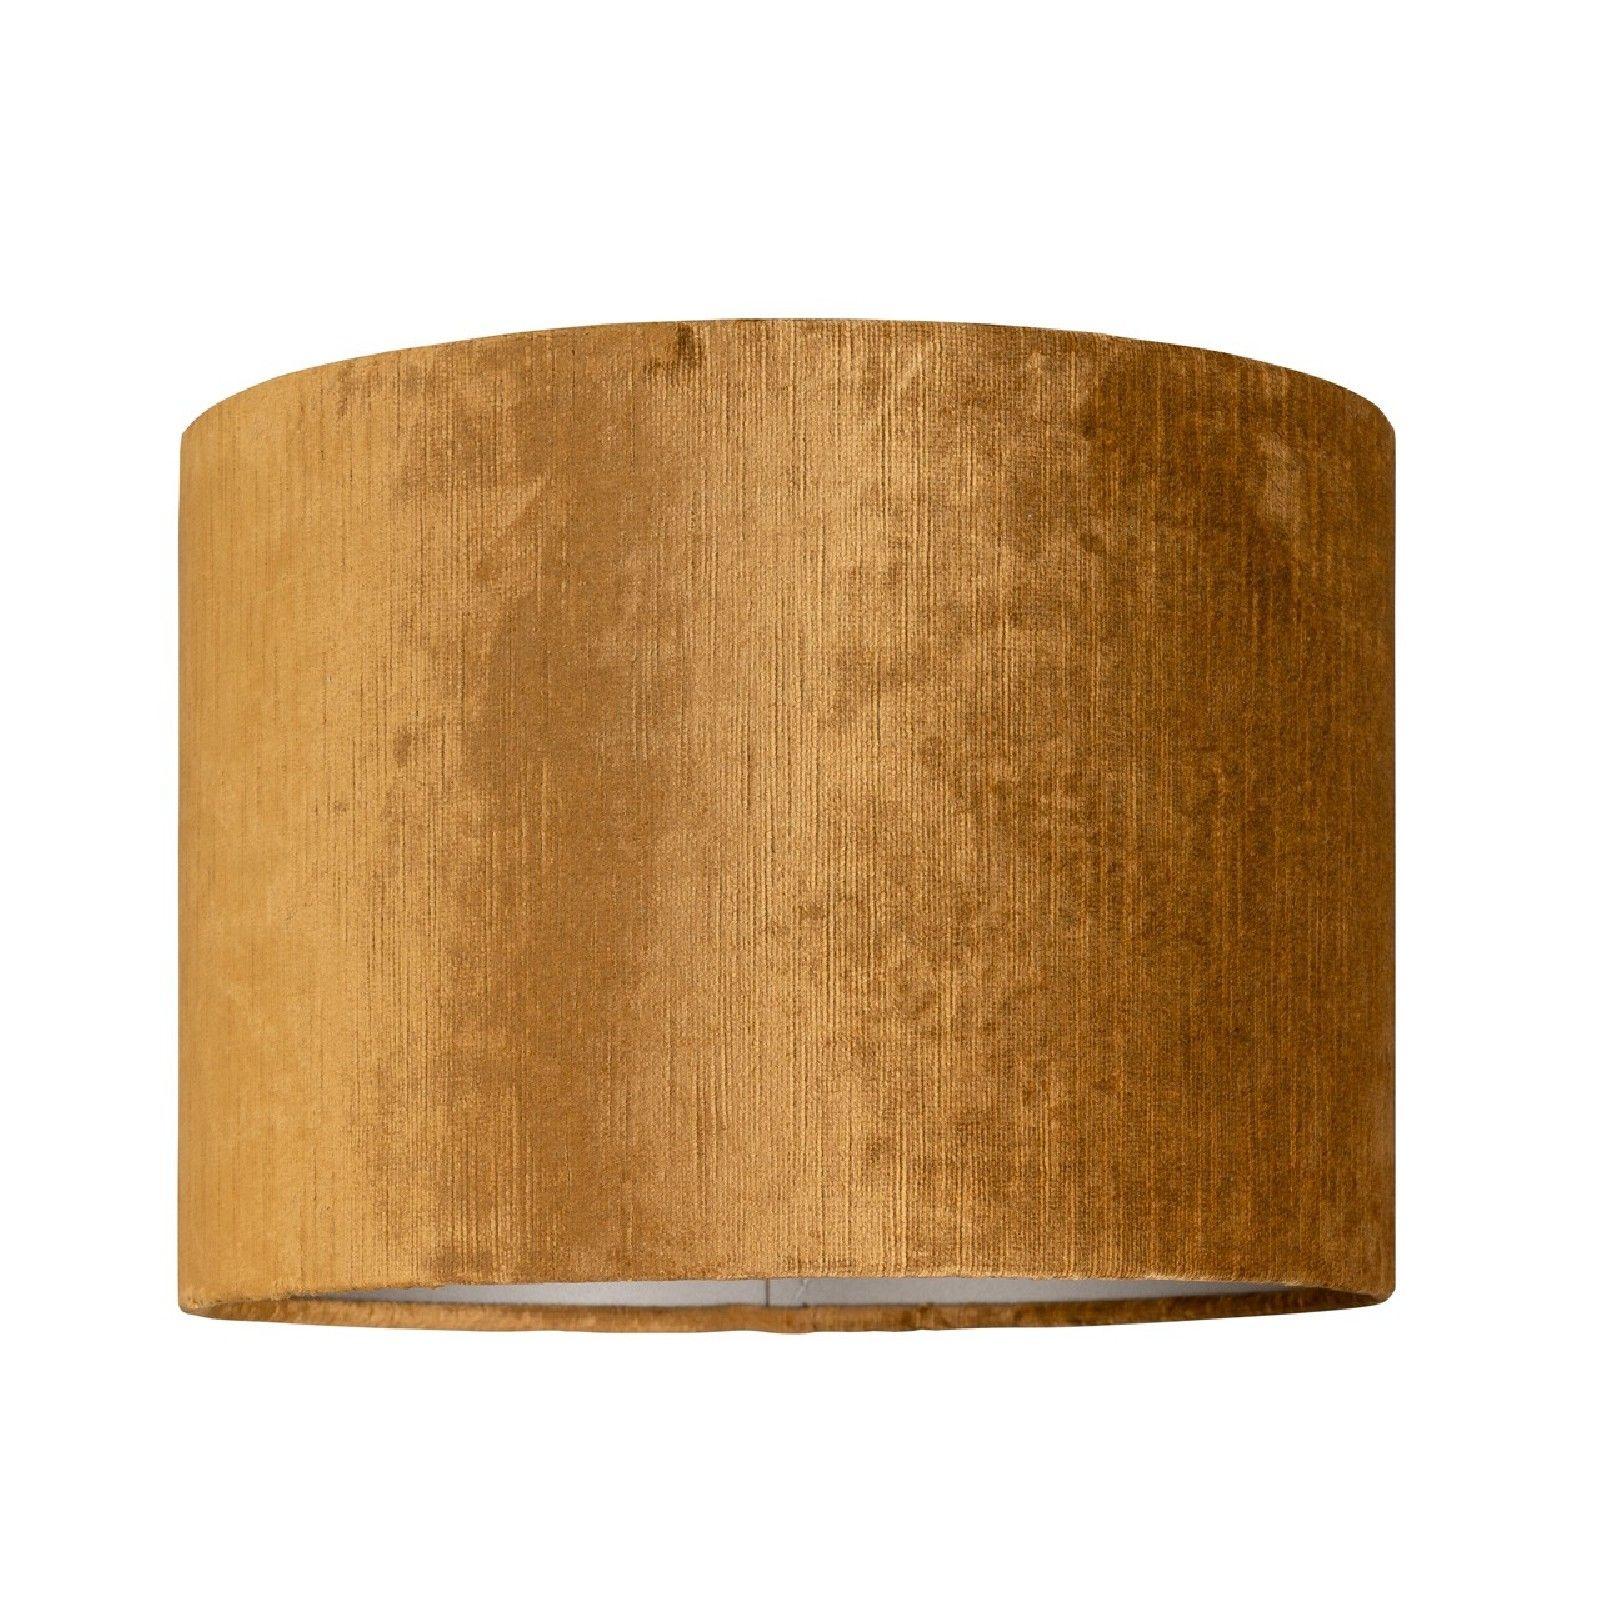 Abat-jour Goya cilinder 40Ø, doré Abat jours - 11